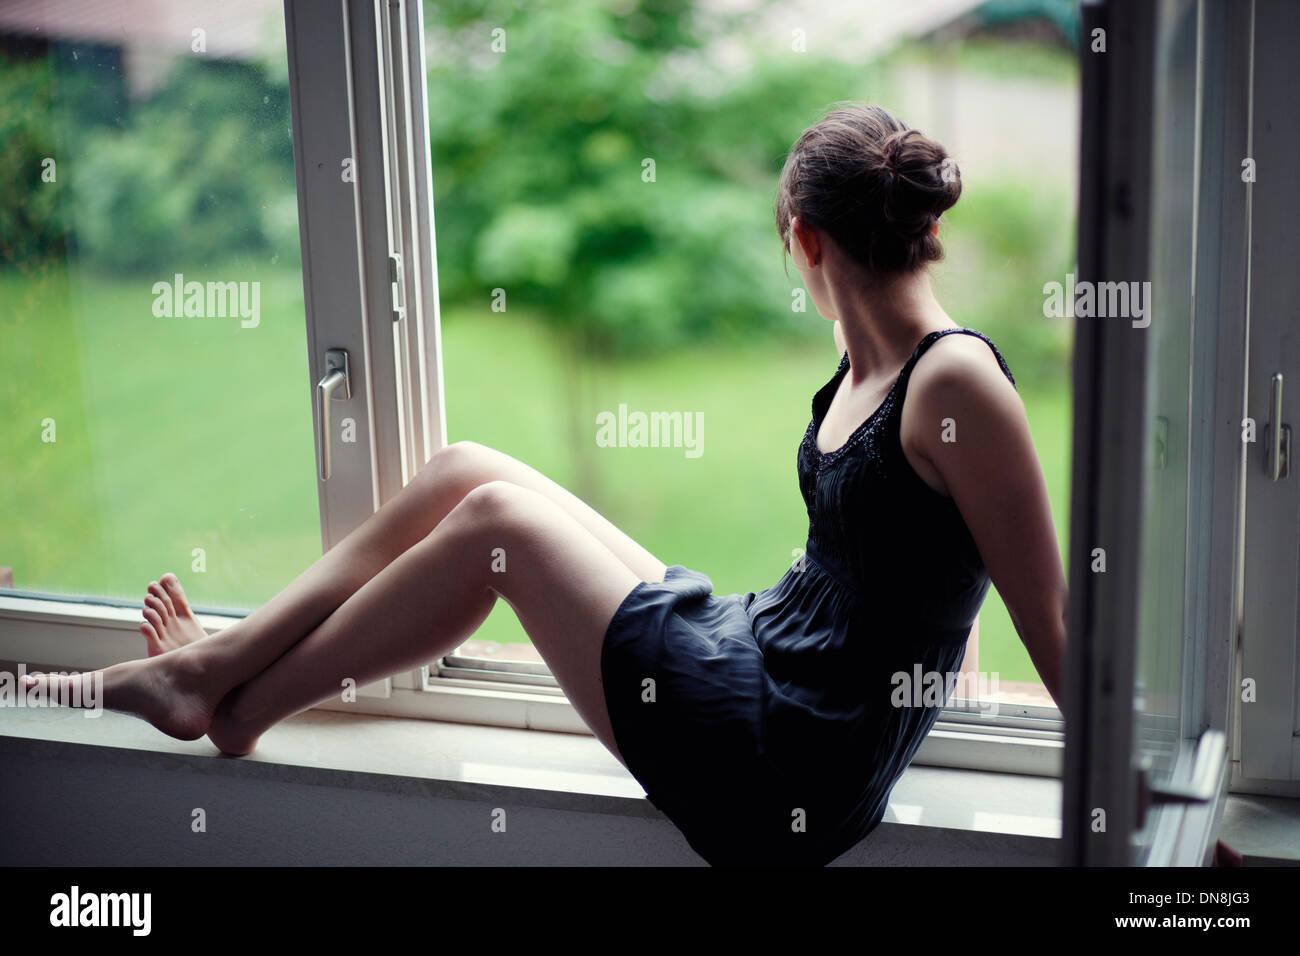 Jeune femme assise sur un rebord de fenêtre Photo Stock